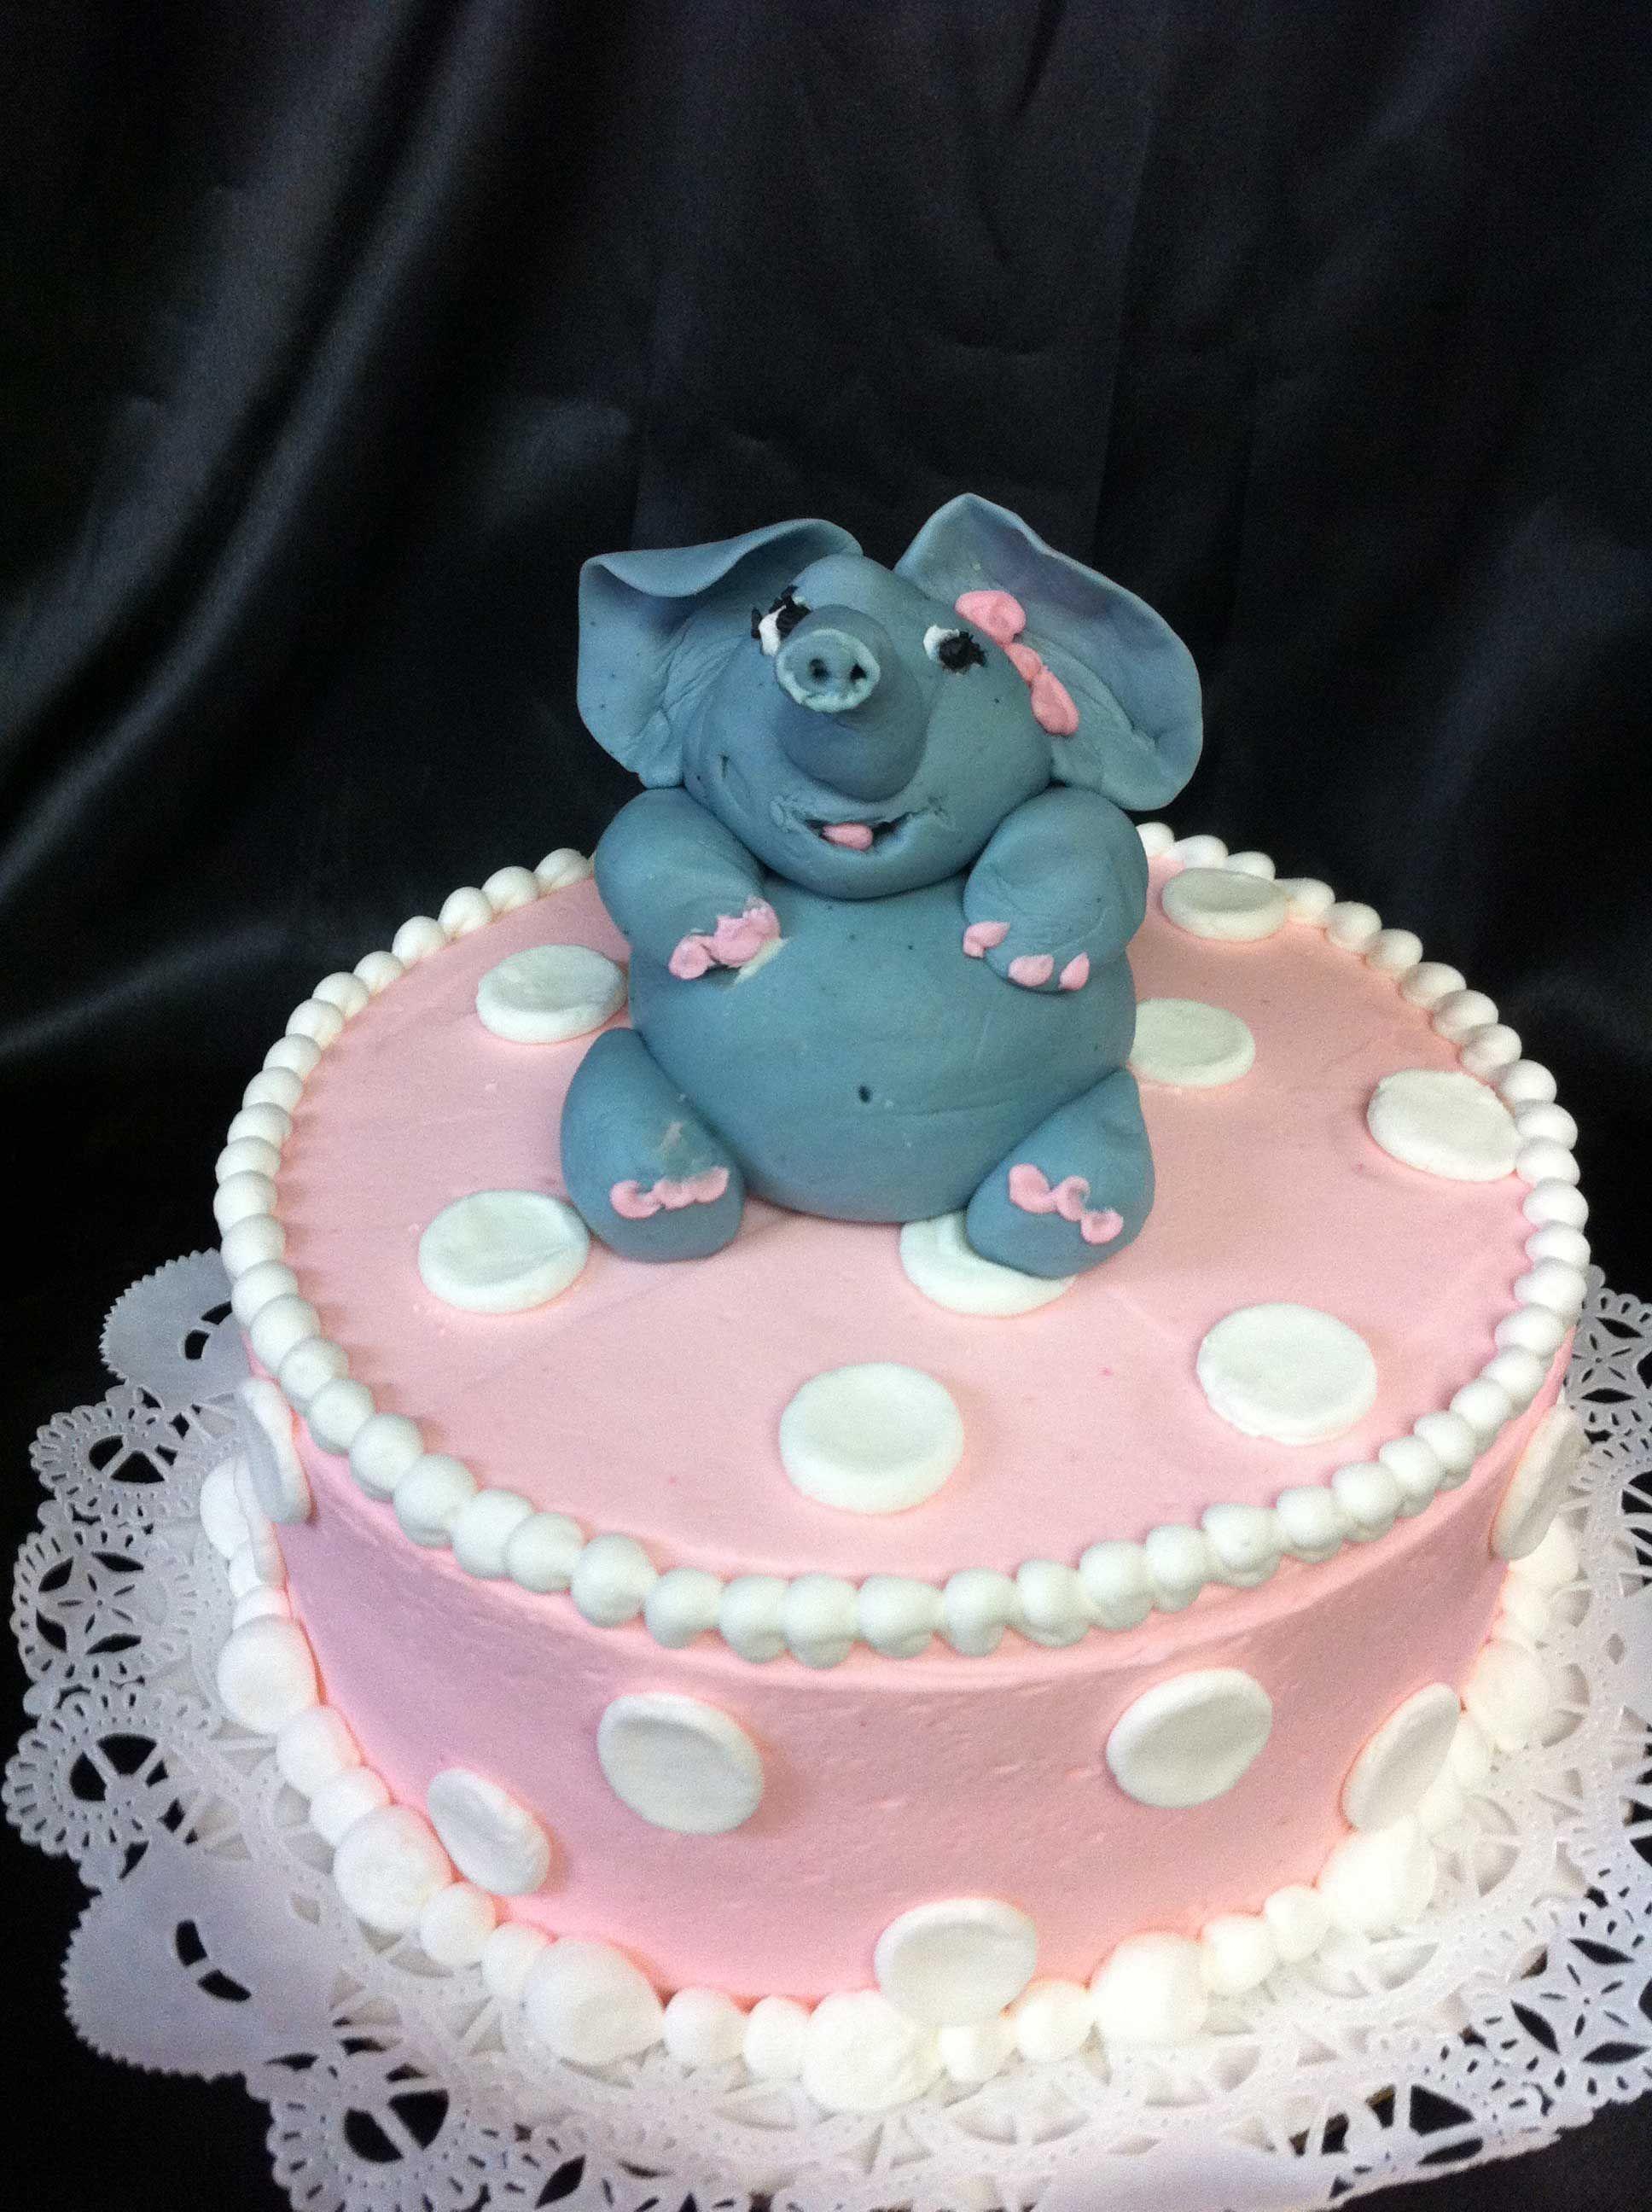 Elephant Cake, Bakery, Birthday cake